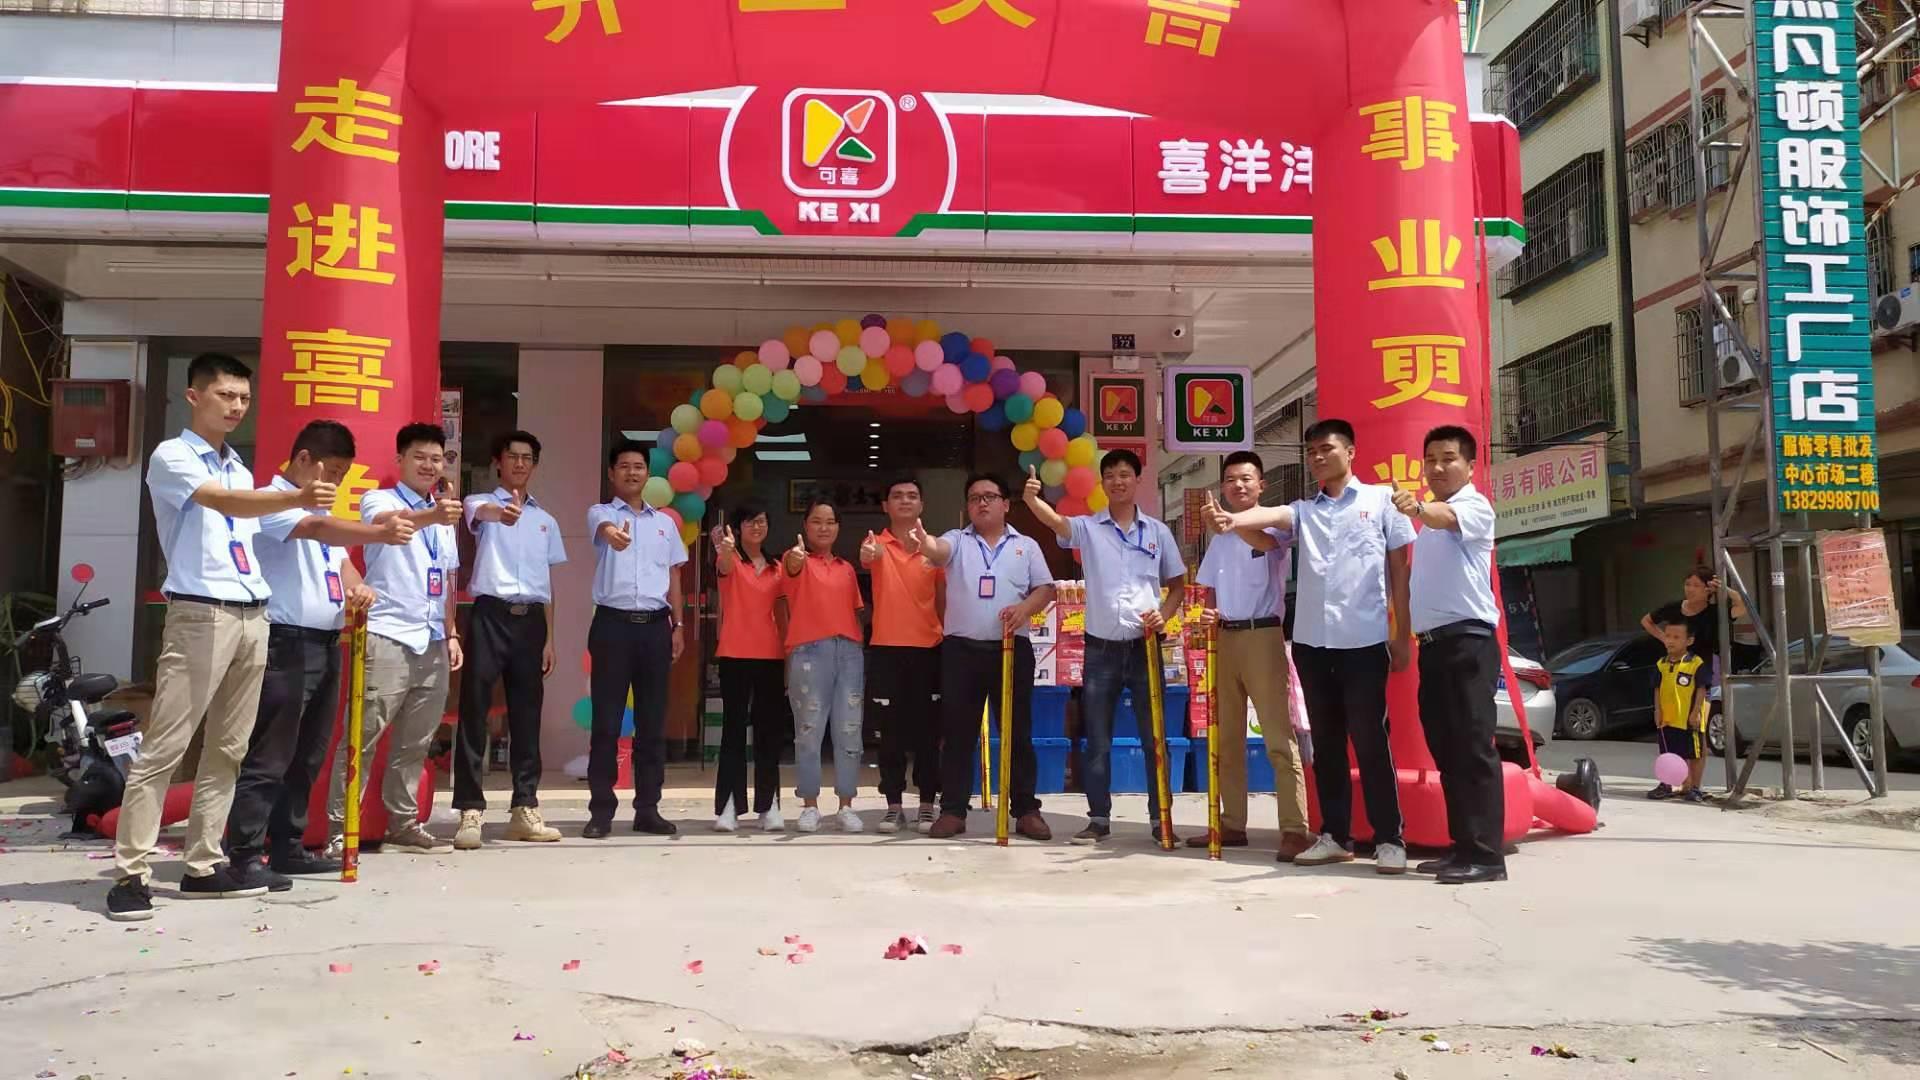 热烈祝贺喜洋洋惠城中心一分店9月17日盛大开业